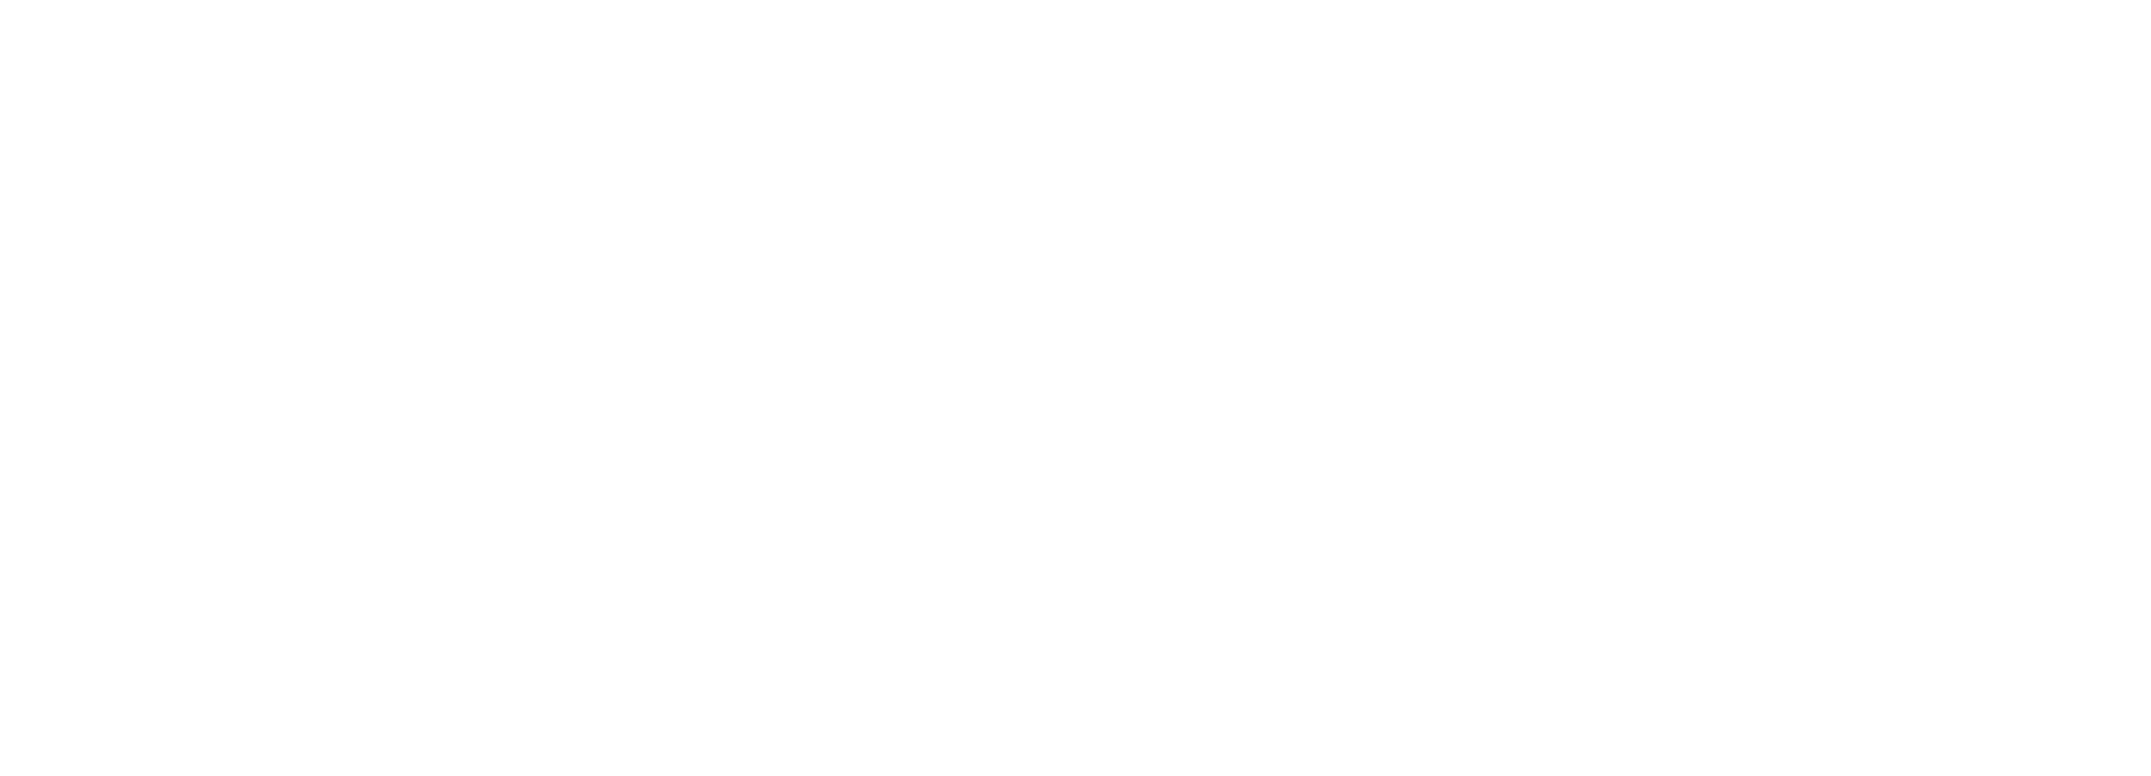 歡迎光臨暐順集團網站